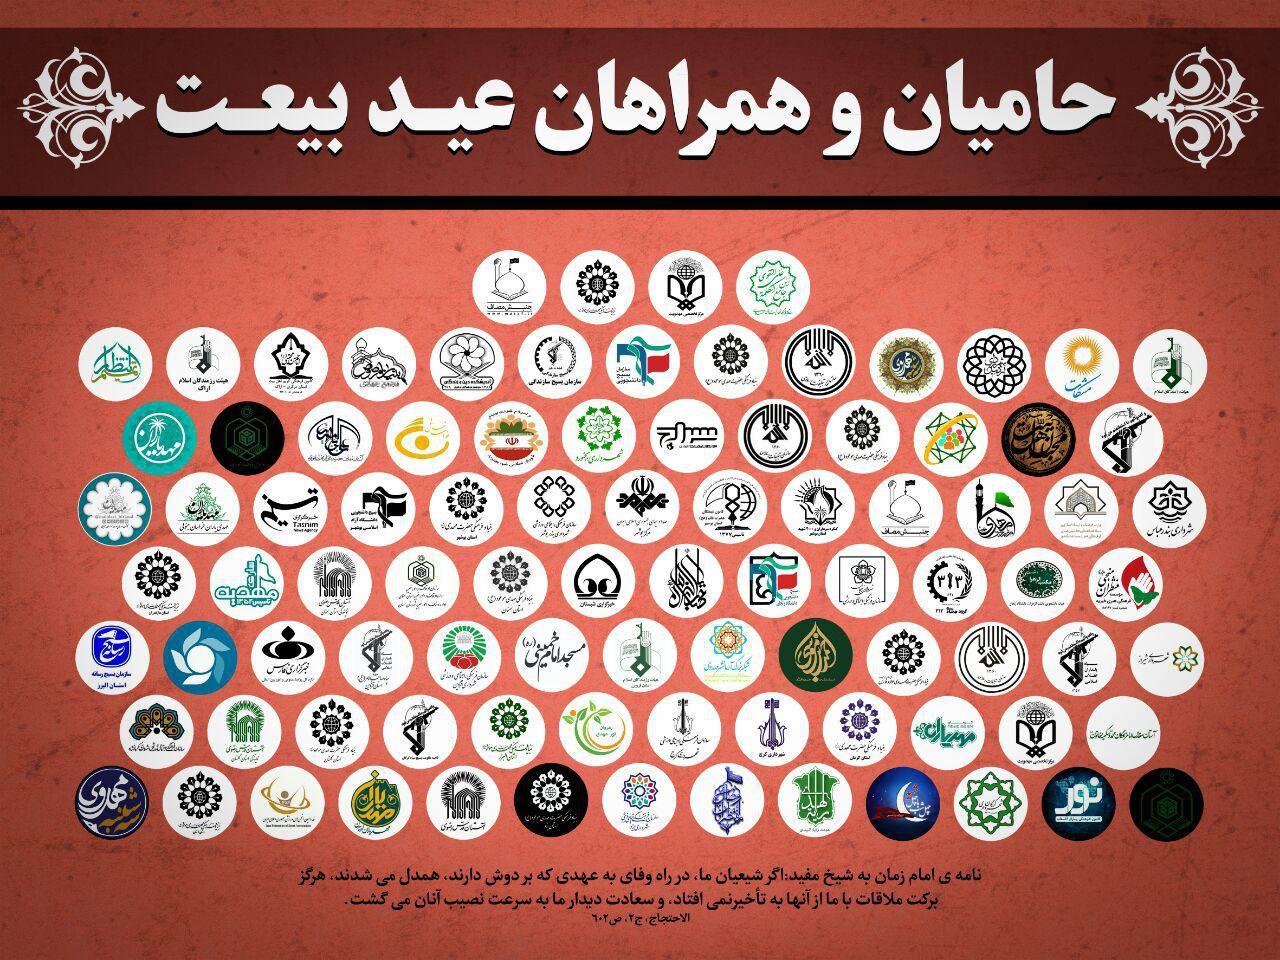 اتحاد و همکاری بیش از صد مجموعه و نهاد برای برگزاری اجتماع بزرگ مردمی عید بیعت در سراسر ایران اسلامی